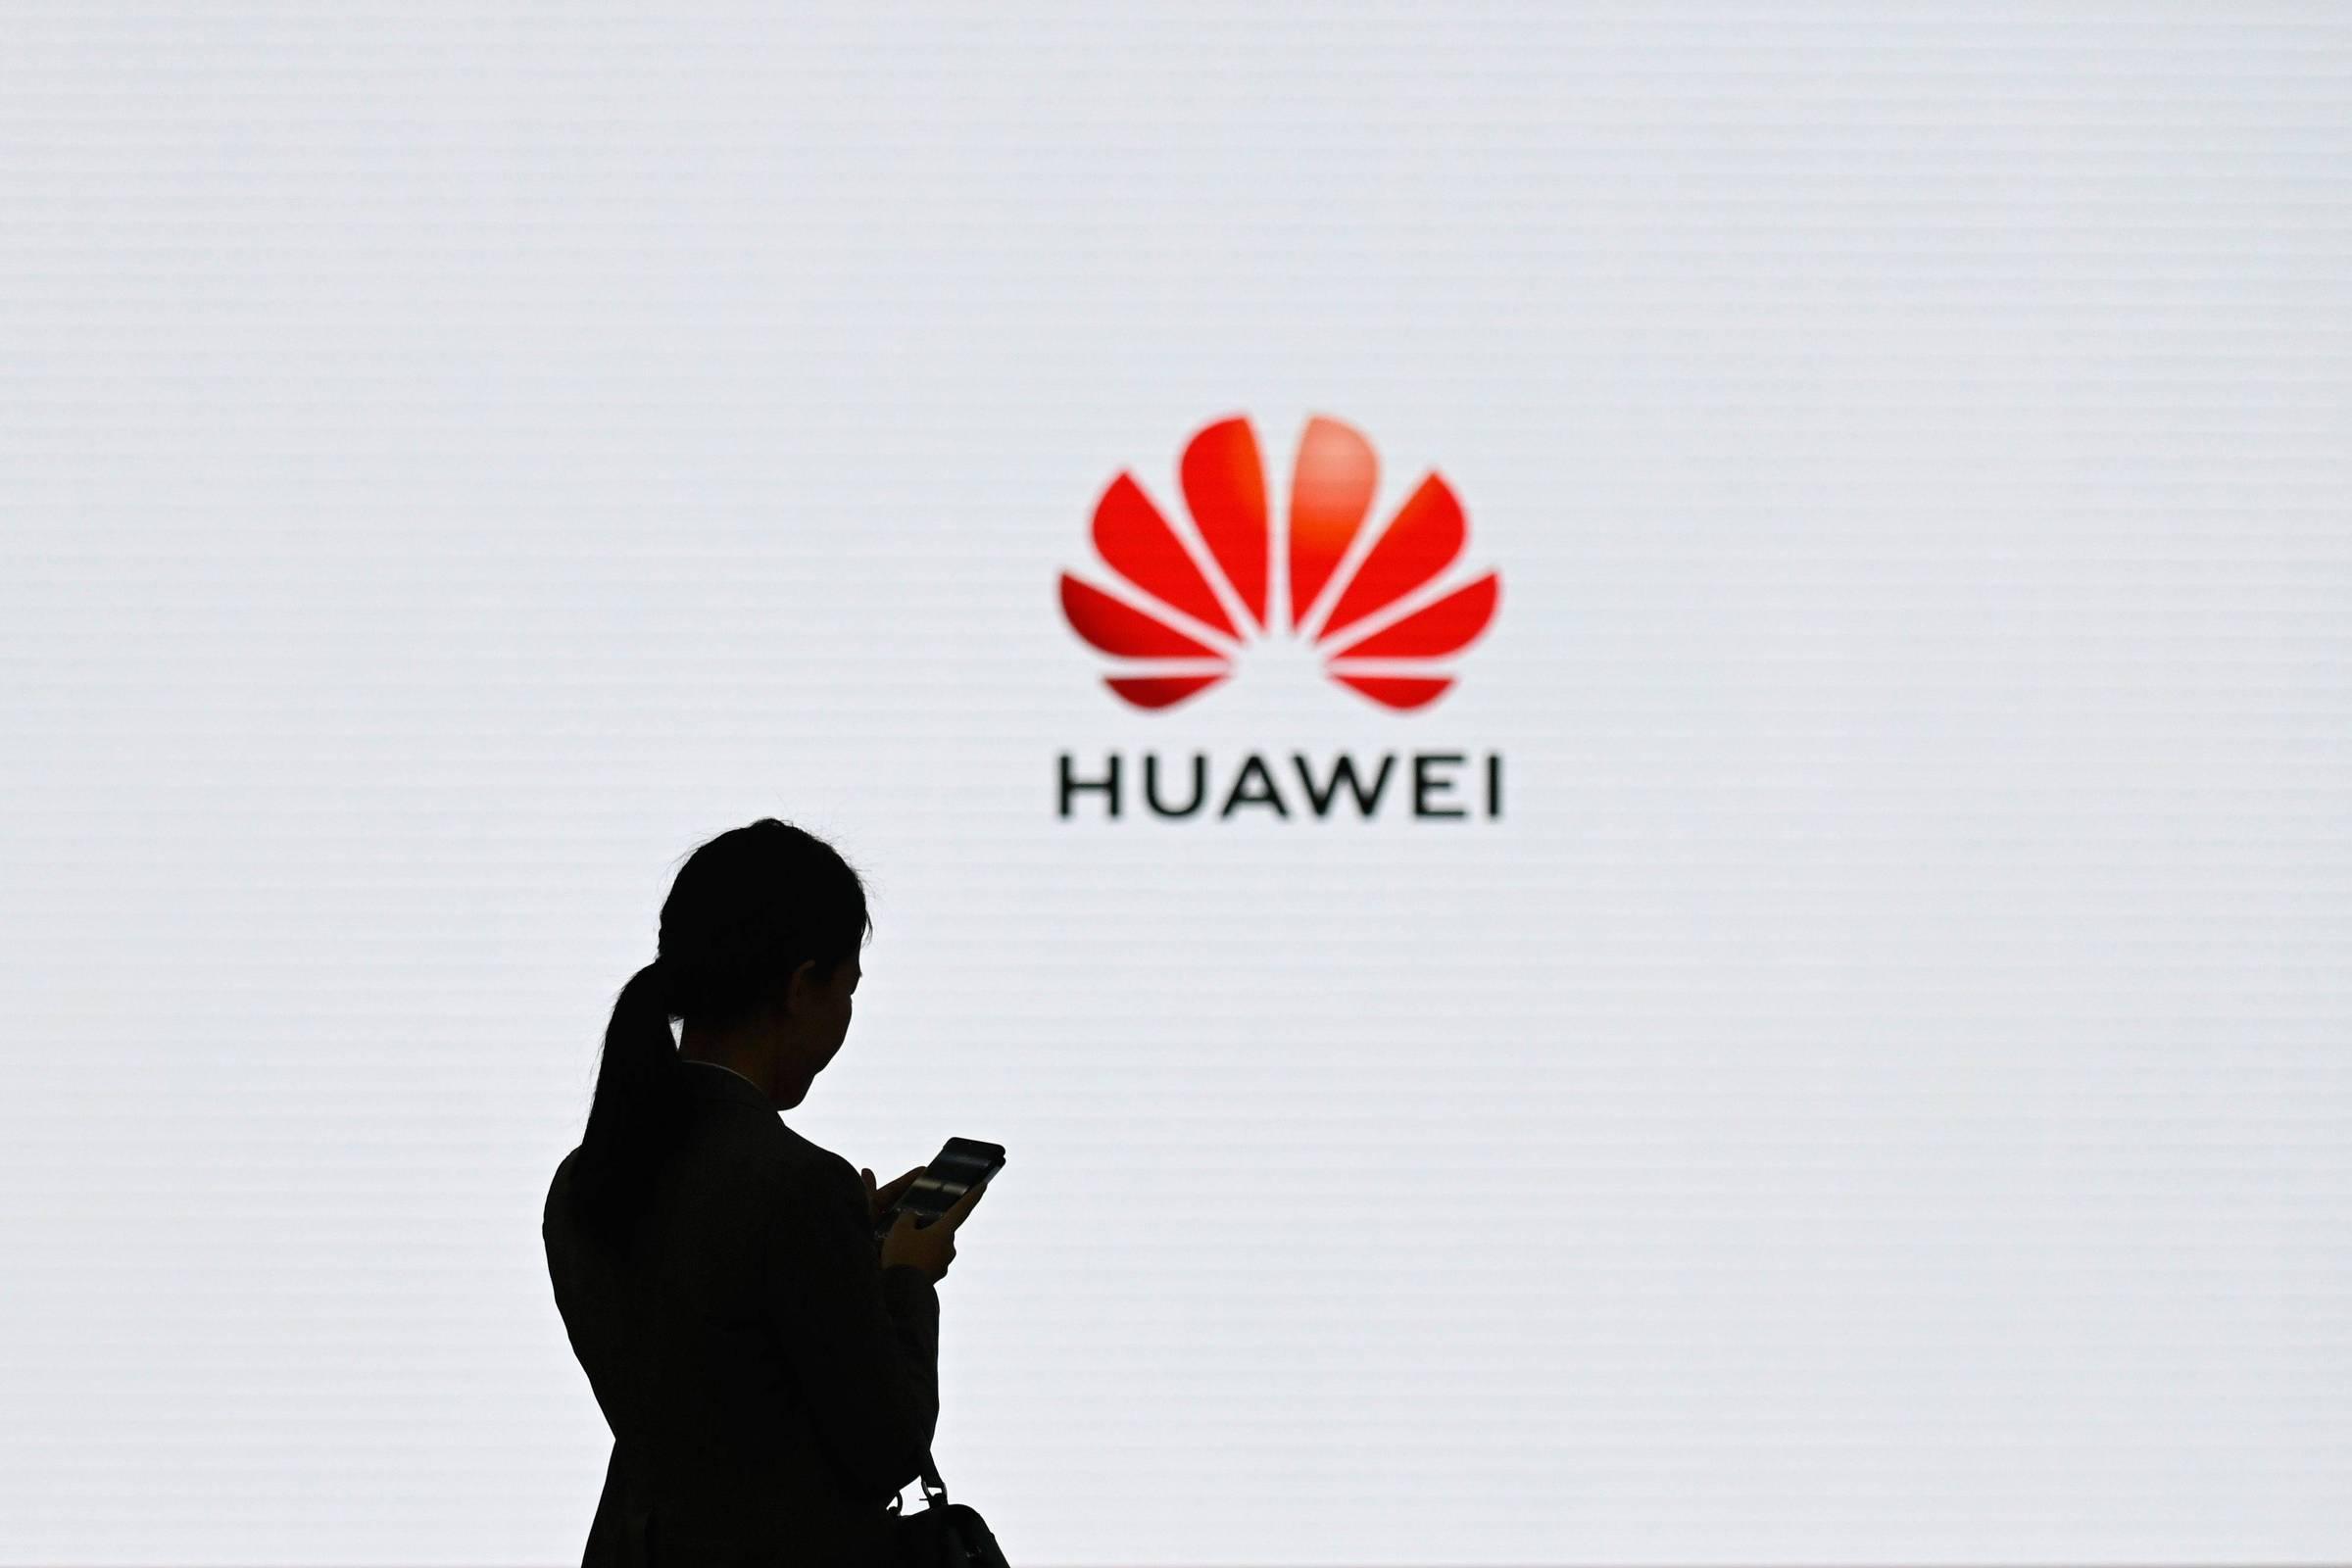 Crise com Huawei expõe Brasil de pires na mão pelo mundo